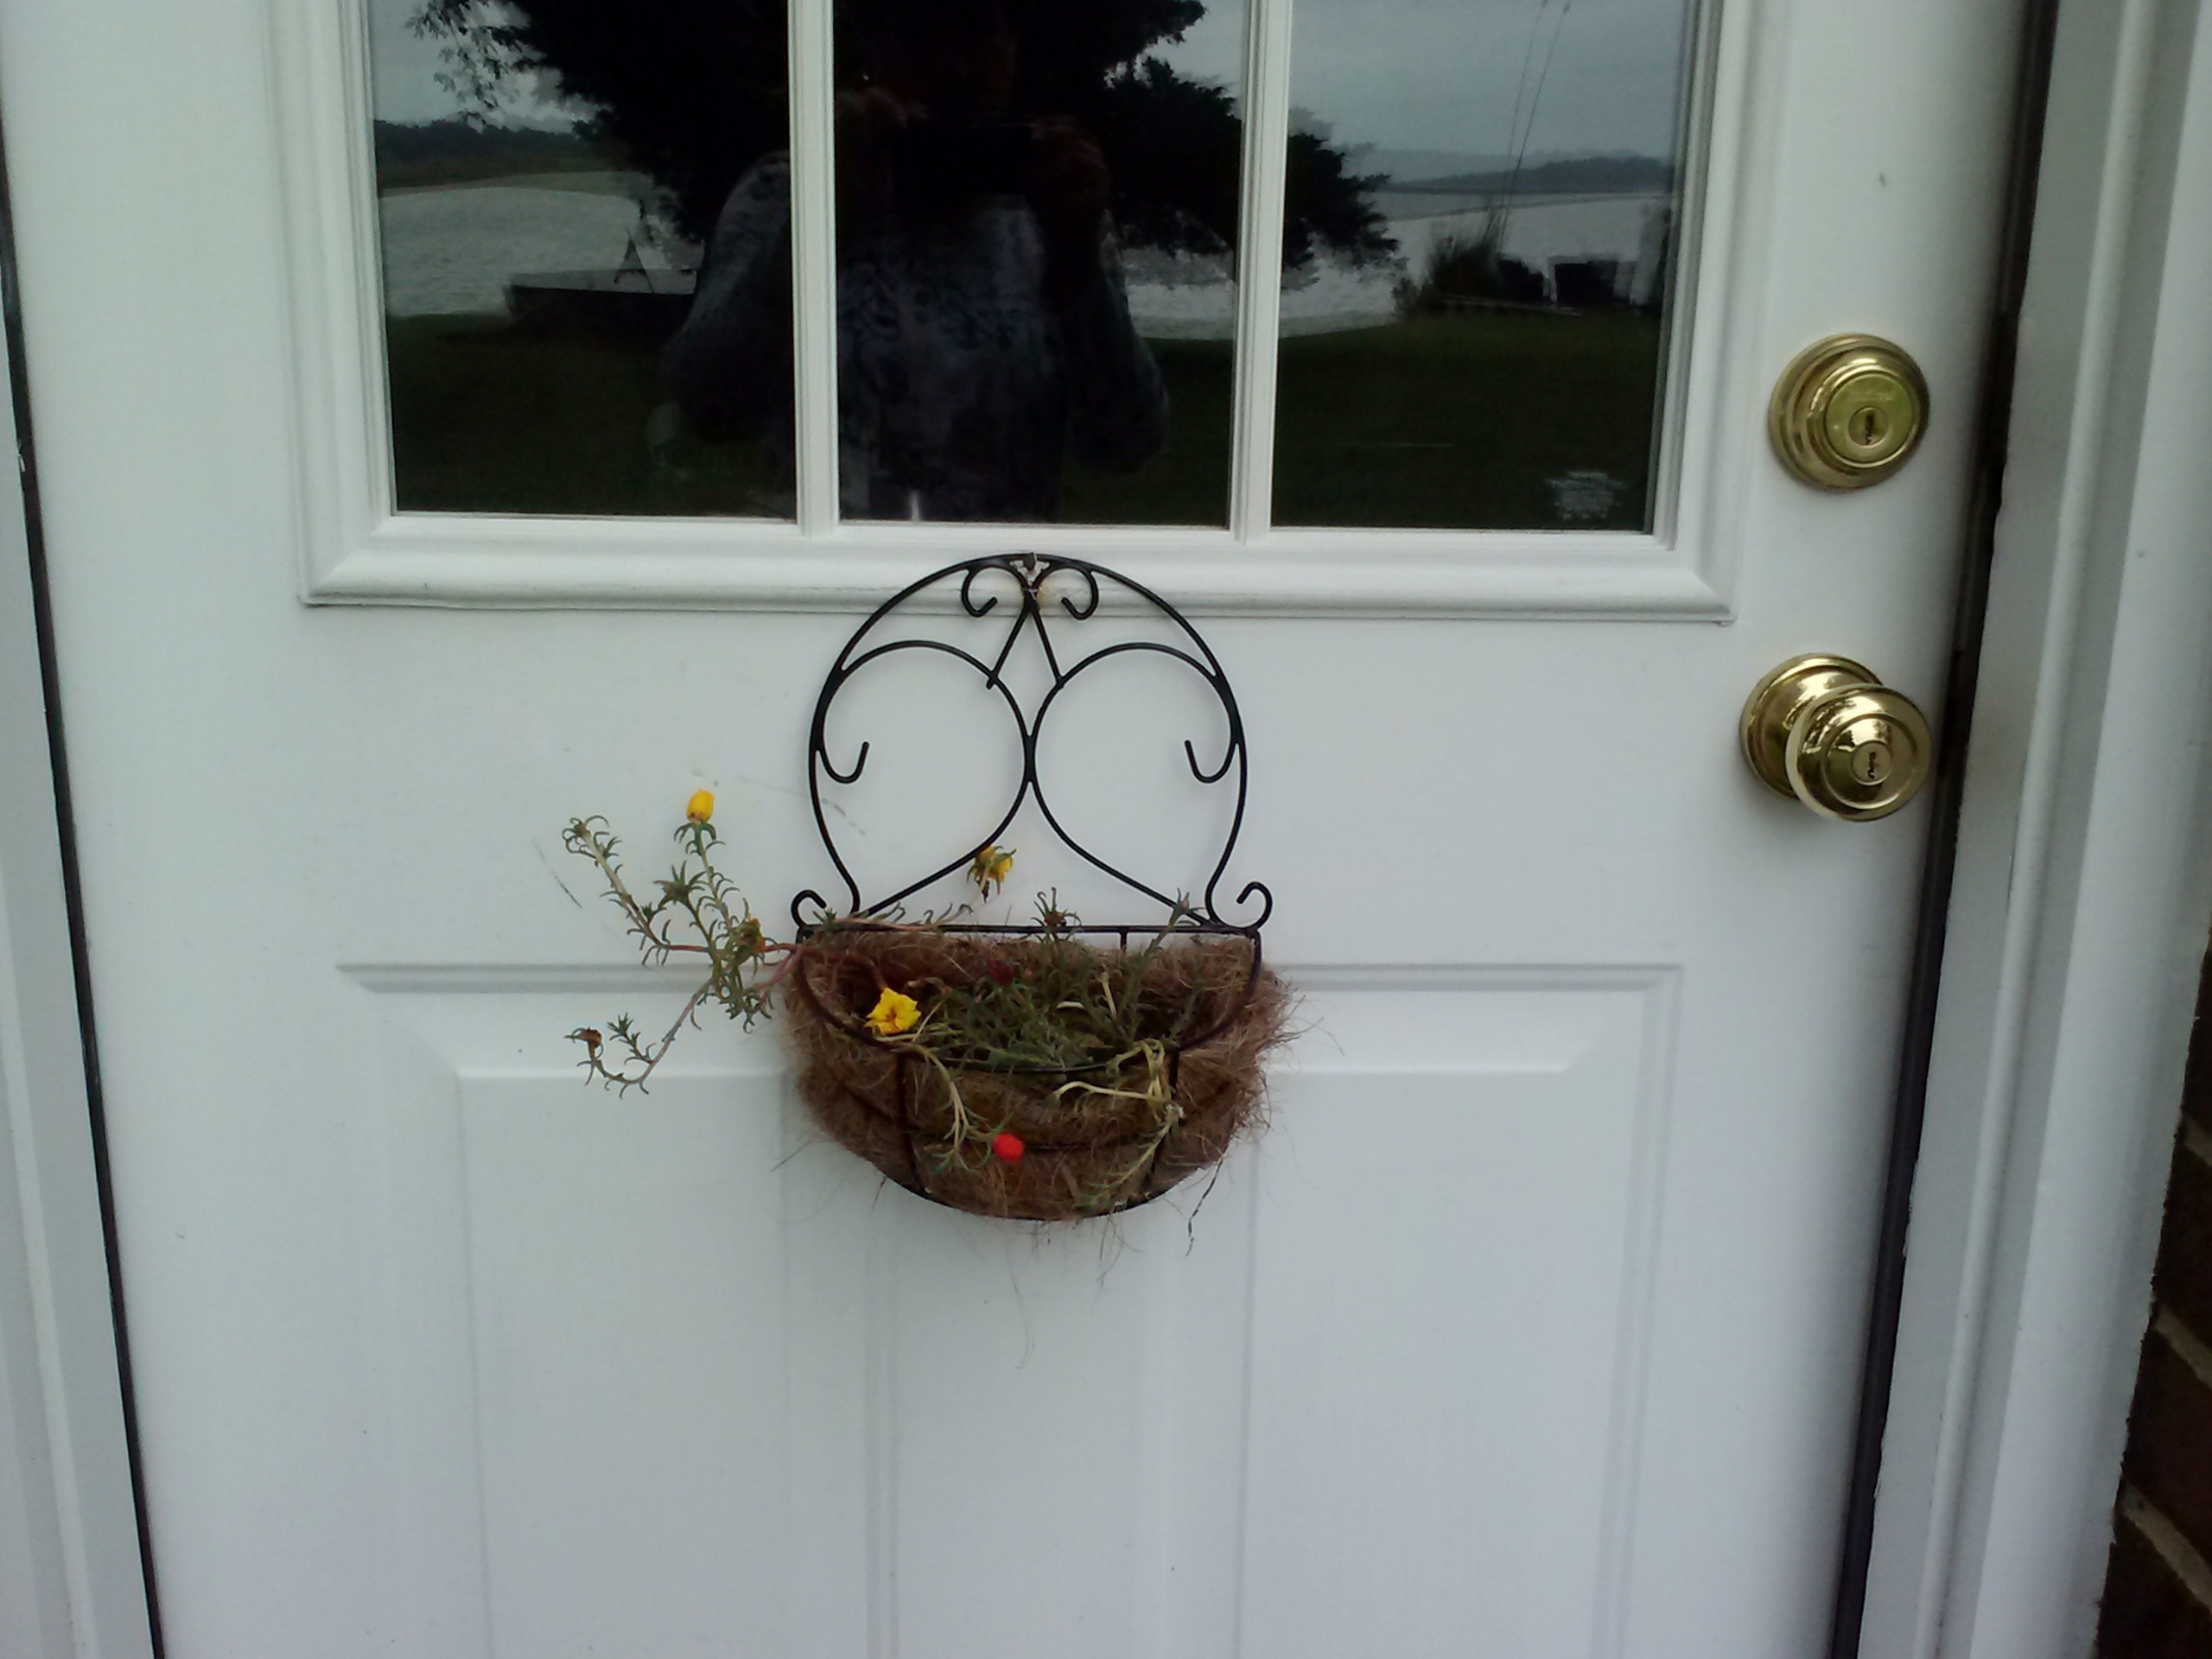 hanger on door 9-25-2014 2-19-45 PM & squirrel stashing walnut in flower planter | these days of mine